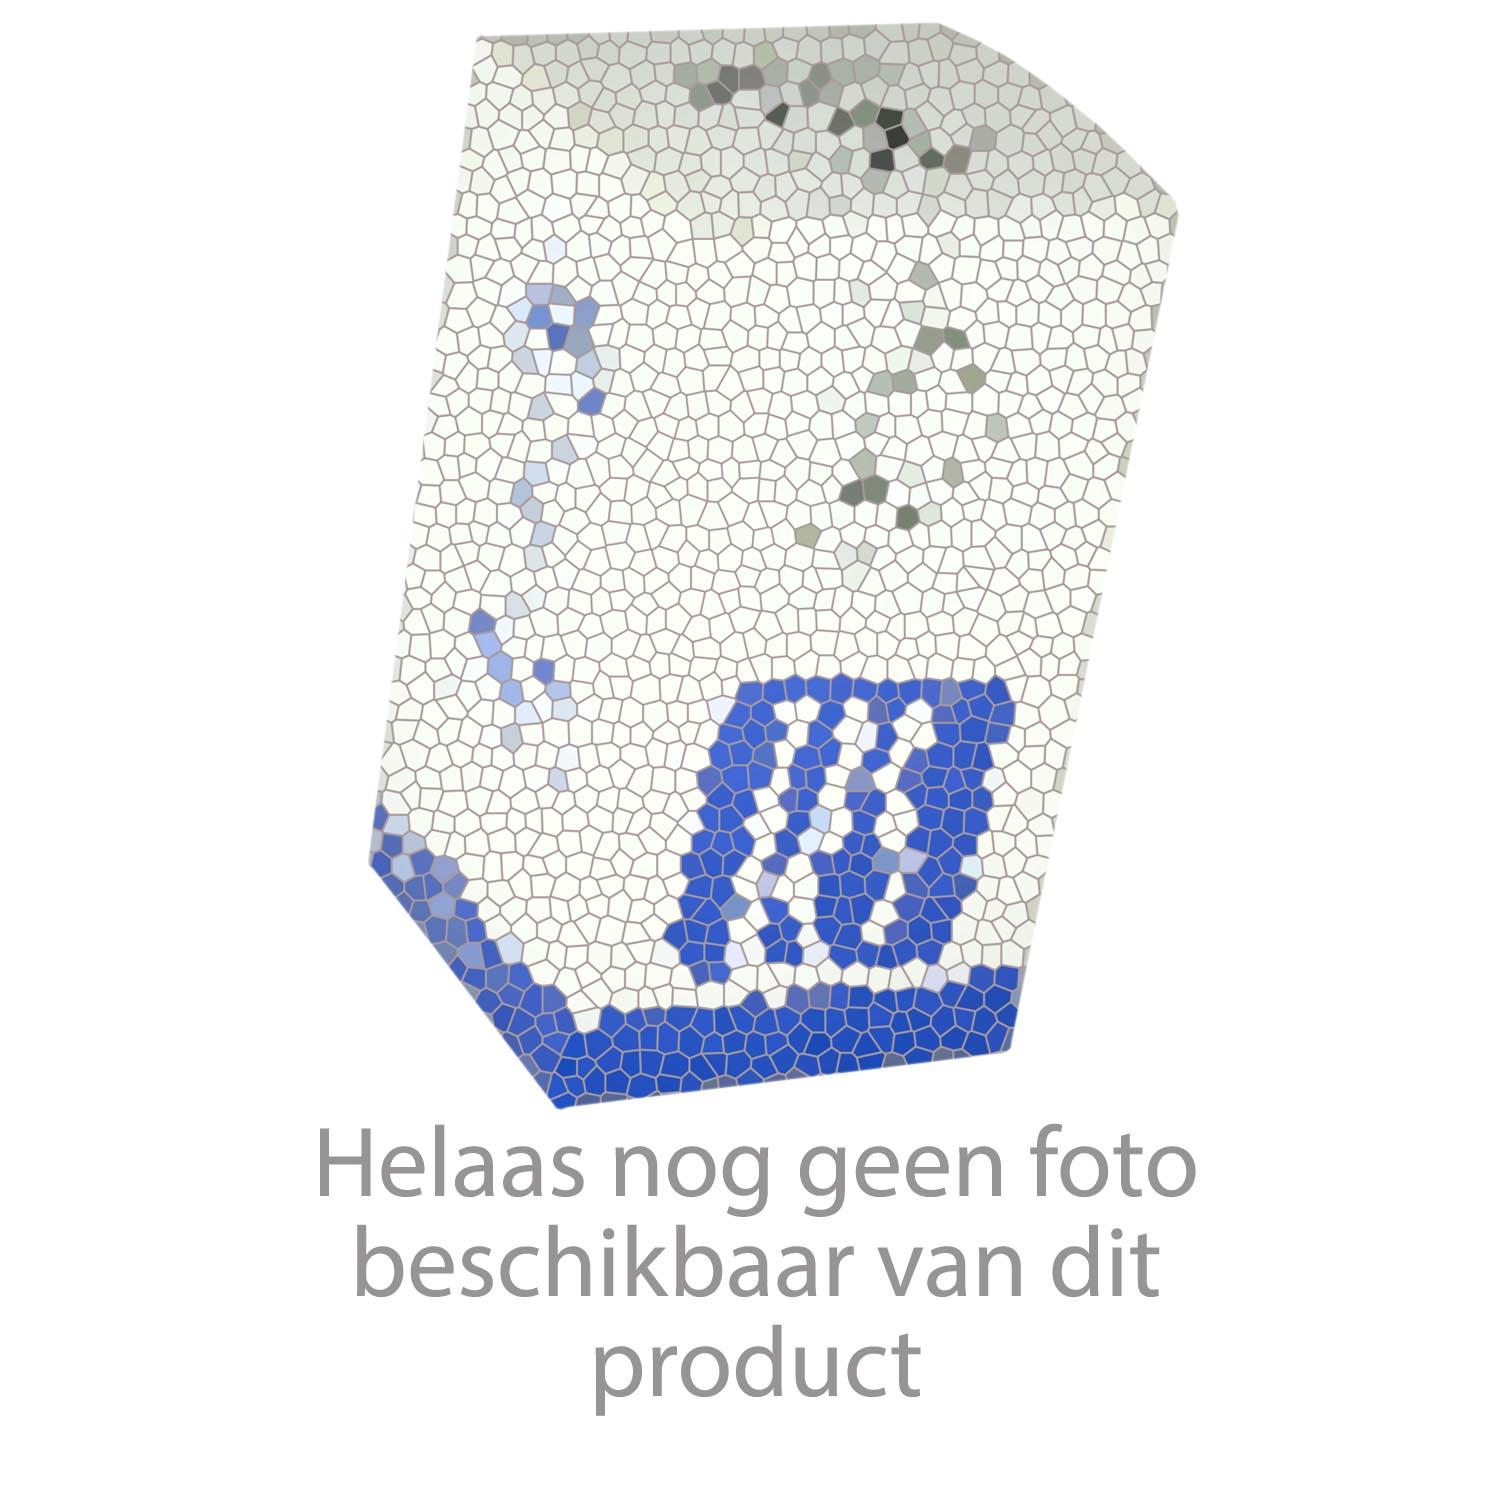 HansGrohe Keukenmengkranen Allegra Linea (Metropol) productiejaar 10/97 - 12/01 14808 onderdelen